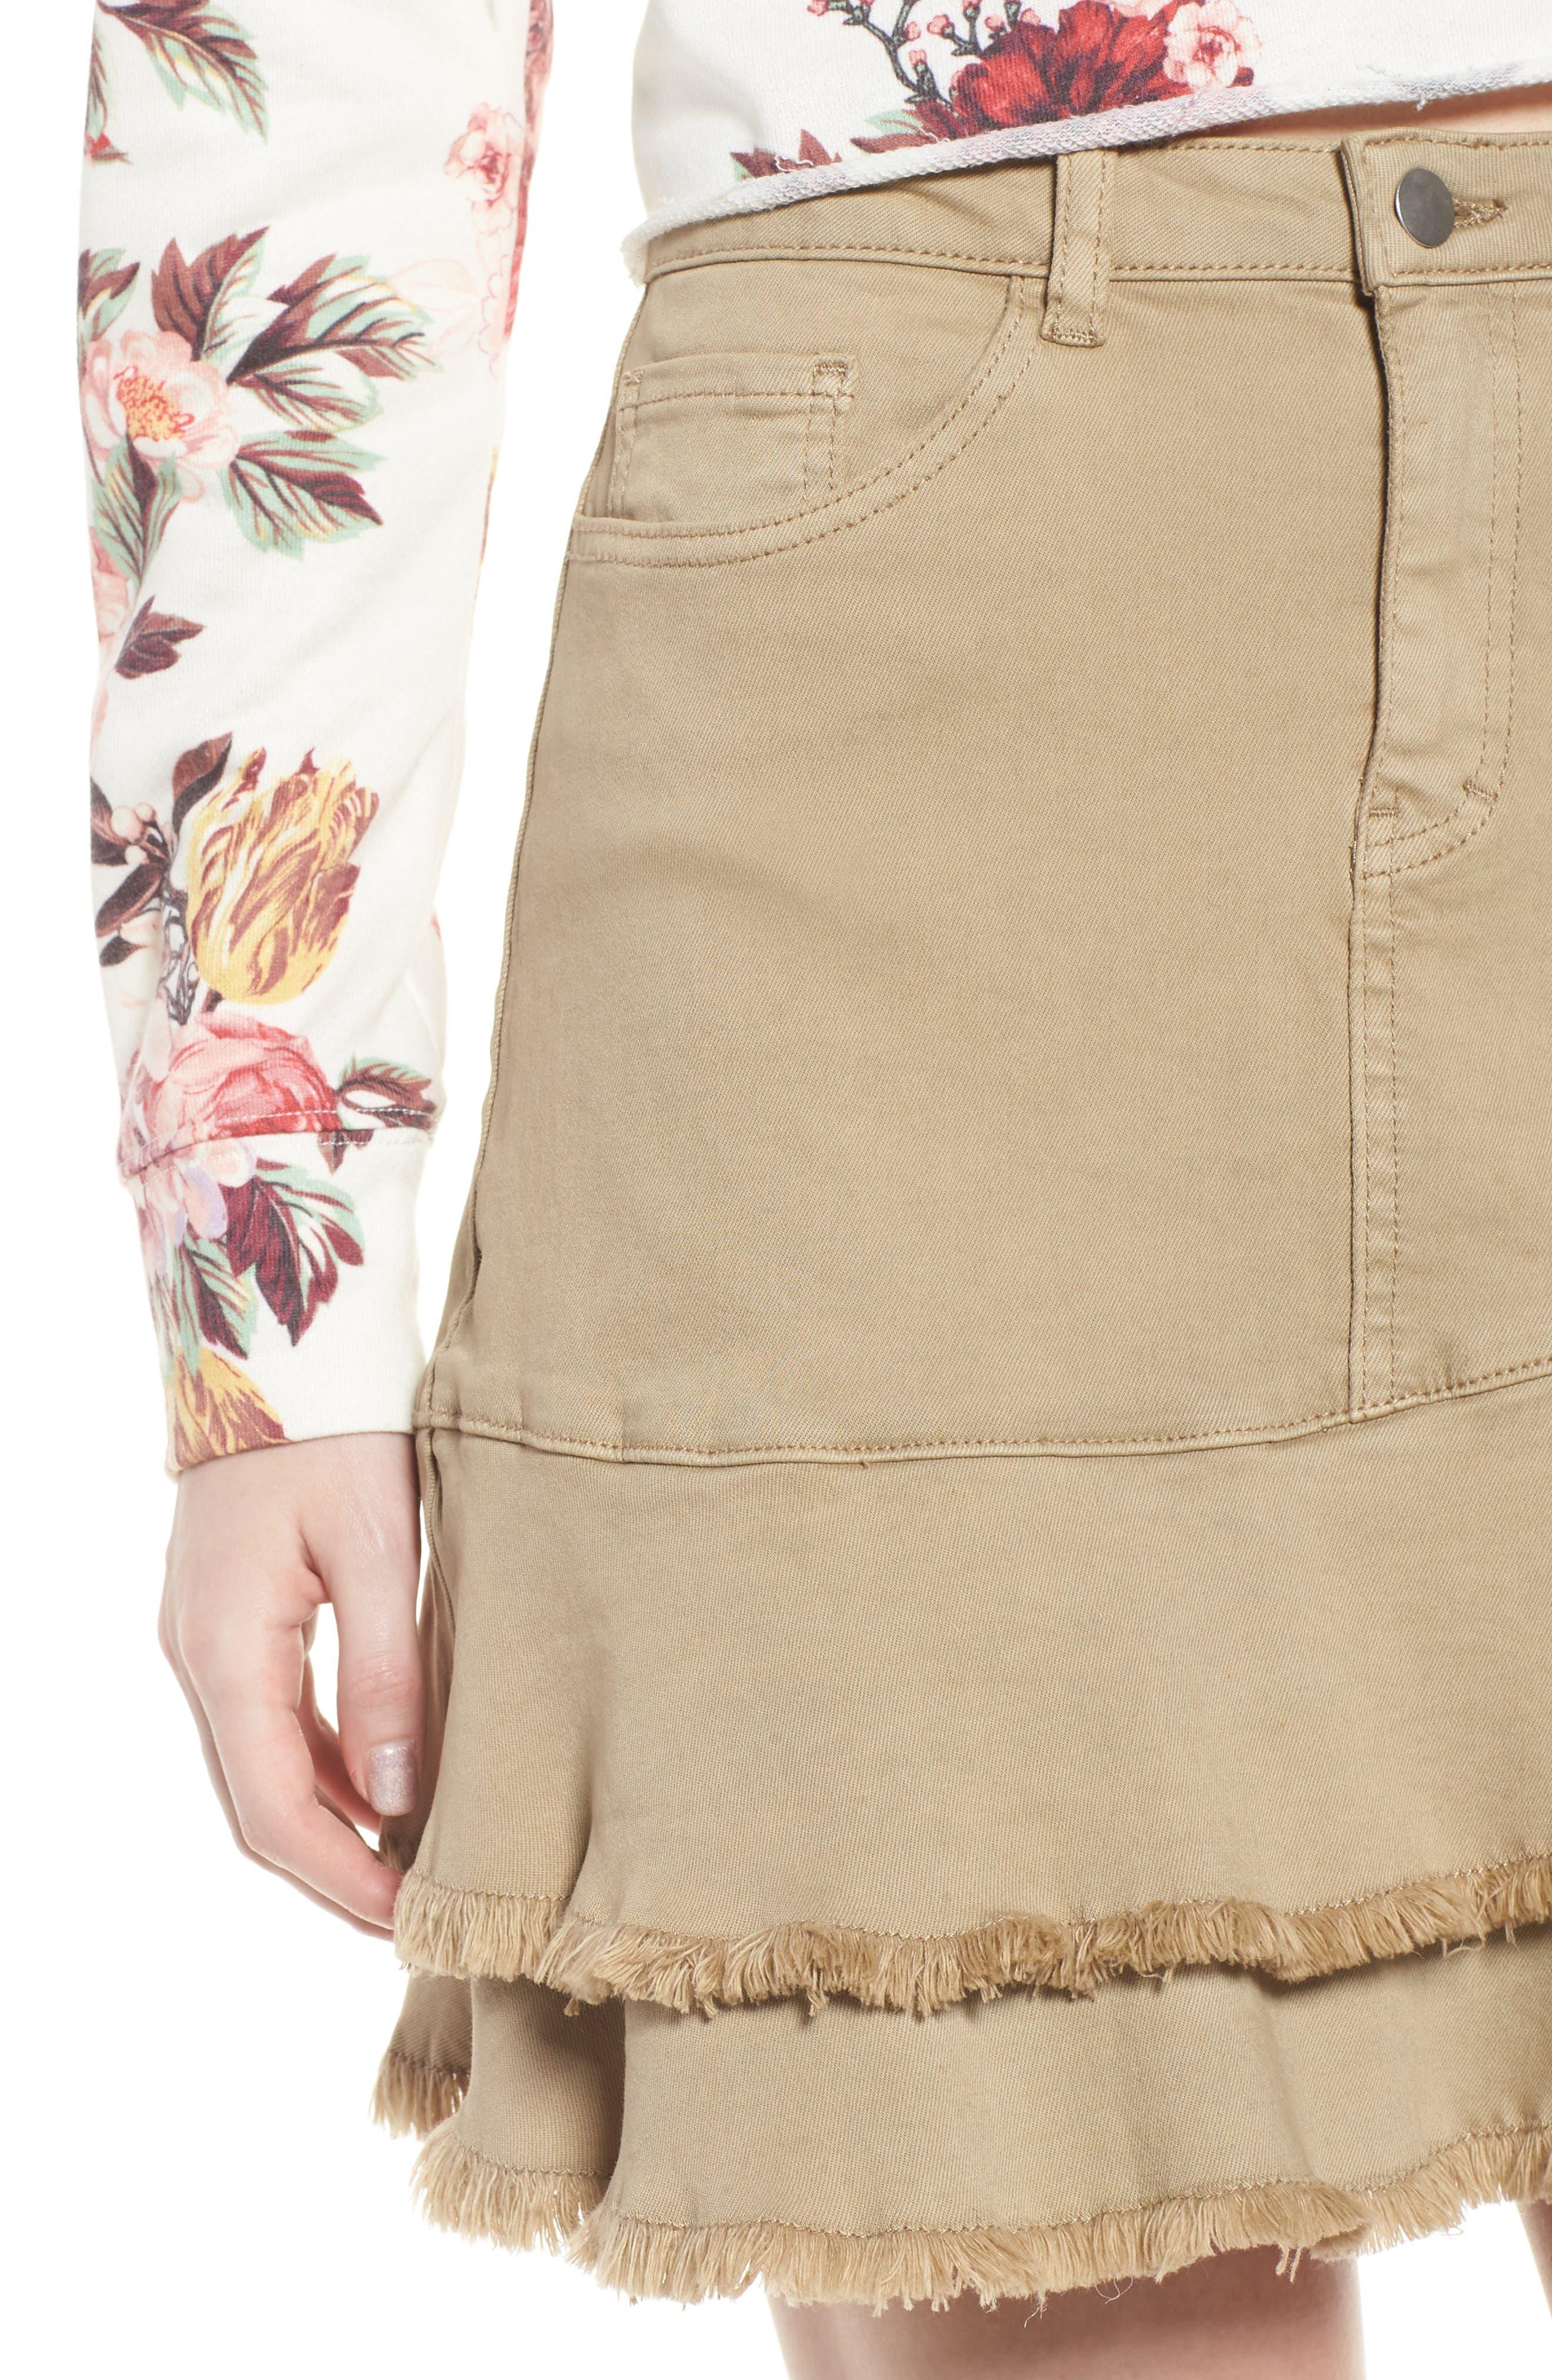 Tiered Fray Hem Skirt,                             Alternate thumbnail 4, color,                             Beige Nougat